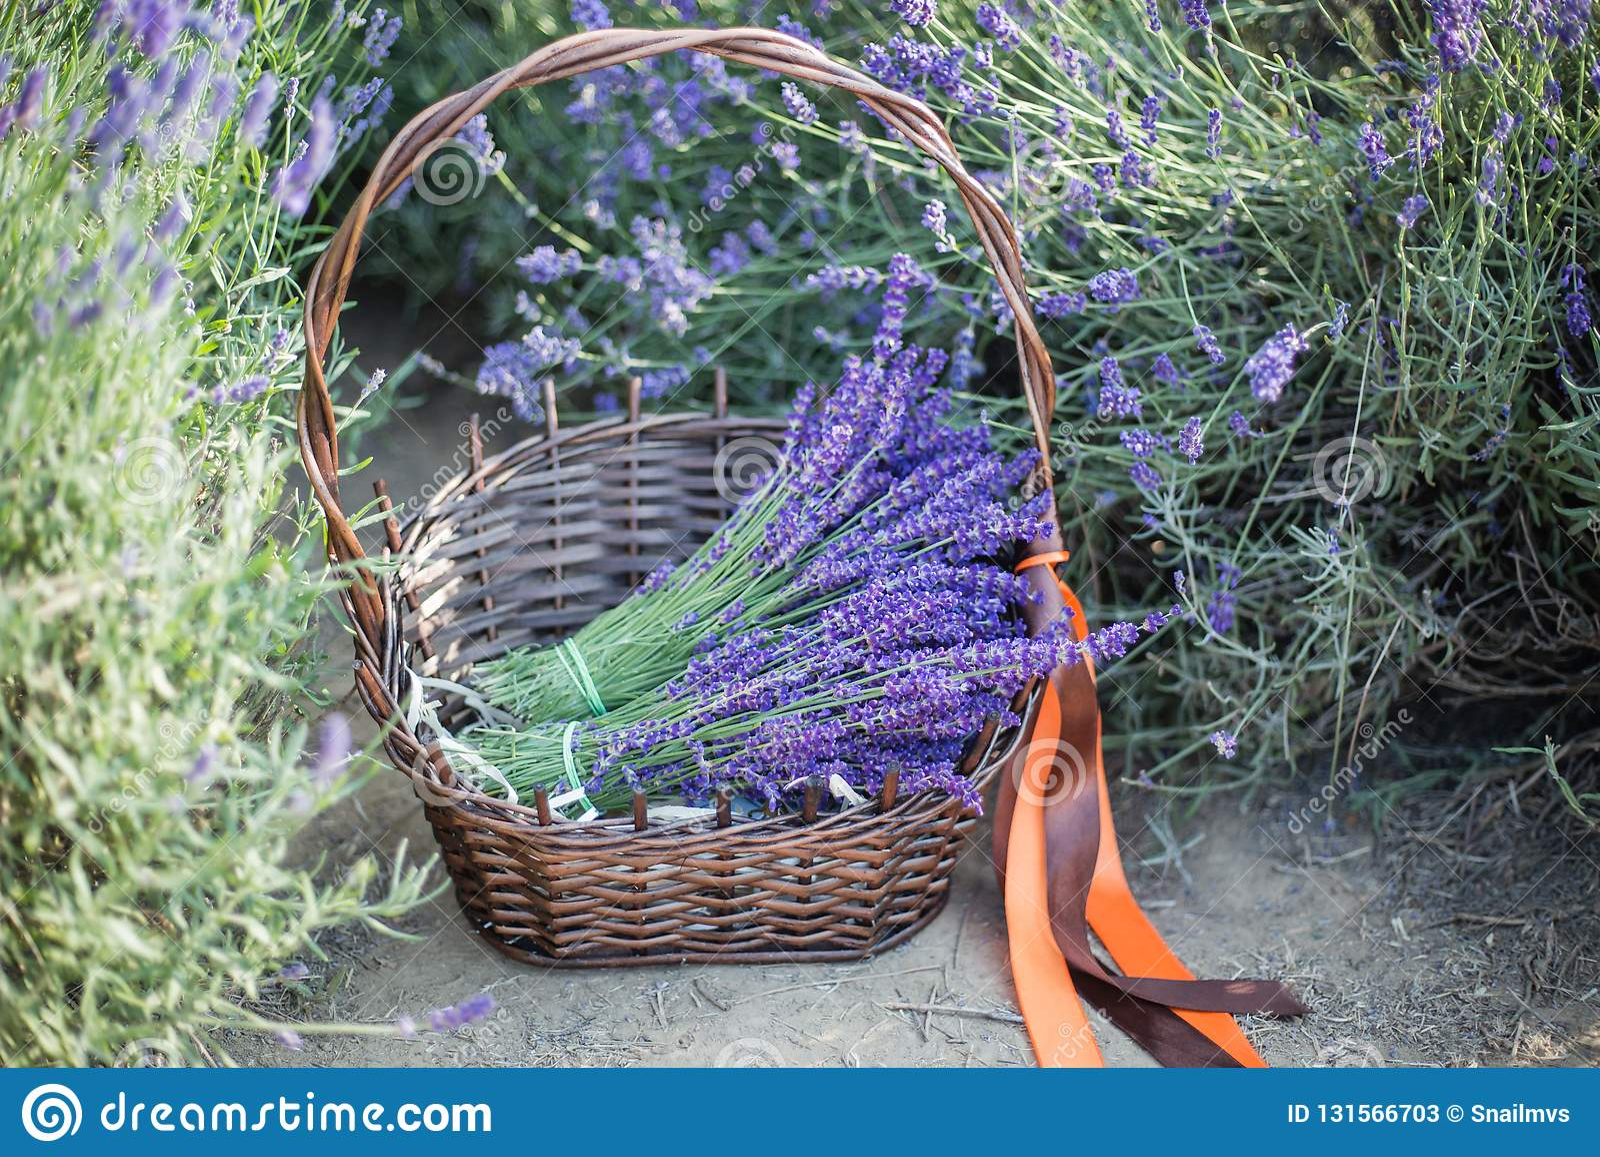 Καλάθι με lavender και εκλεκτής ποιότητας ένα ψαλίδι, Προβηγκία, Γαλλία